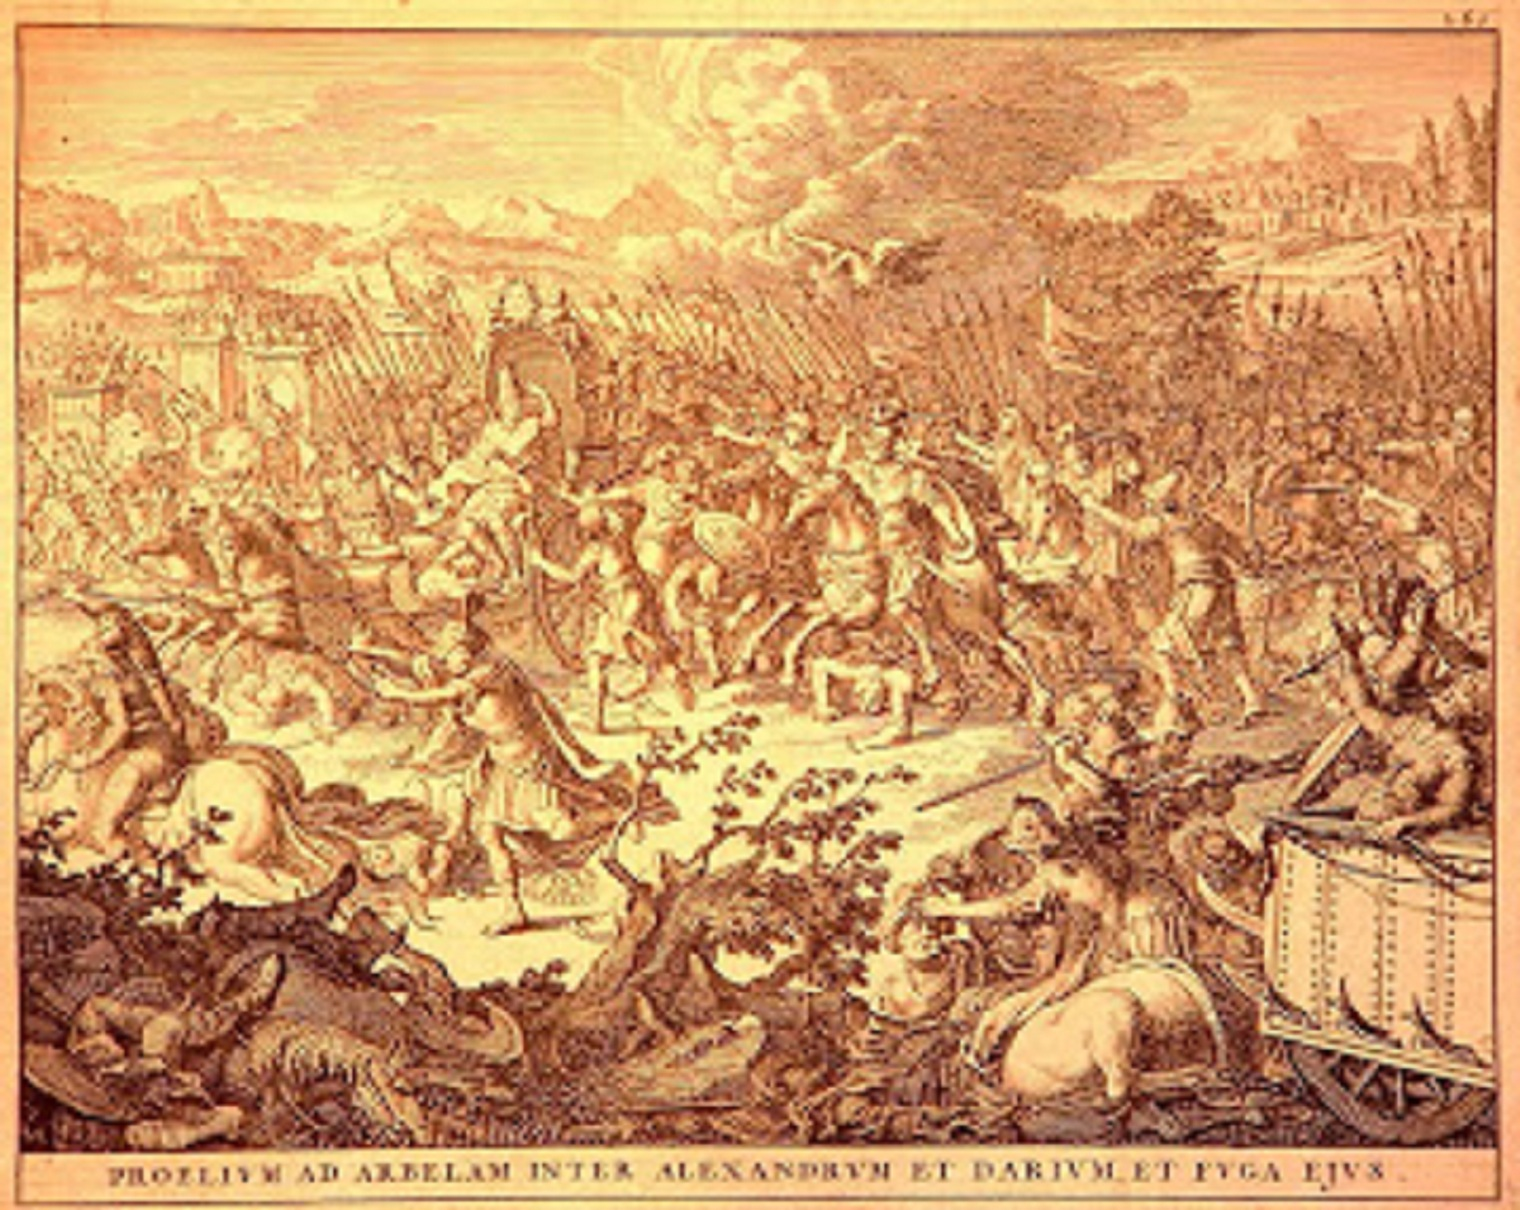 ΓΑΥΓΑΜΗΛΑ 331 π.Χ.. Ἡ ἡμέρα ποὺ ἄλλαξε τὸν κόσμο...1